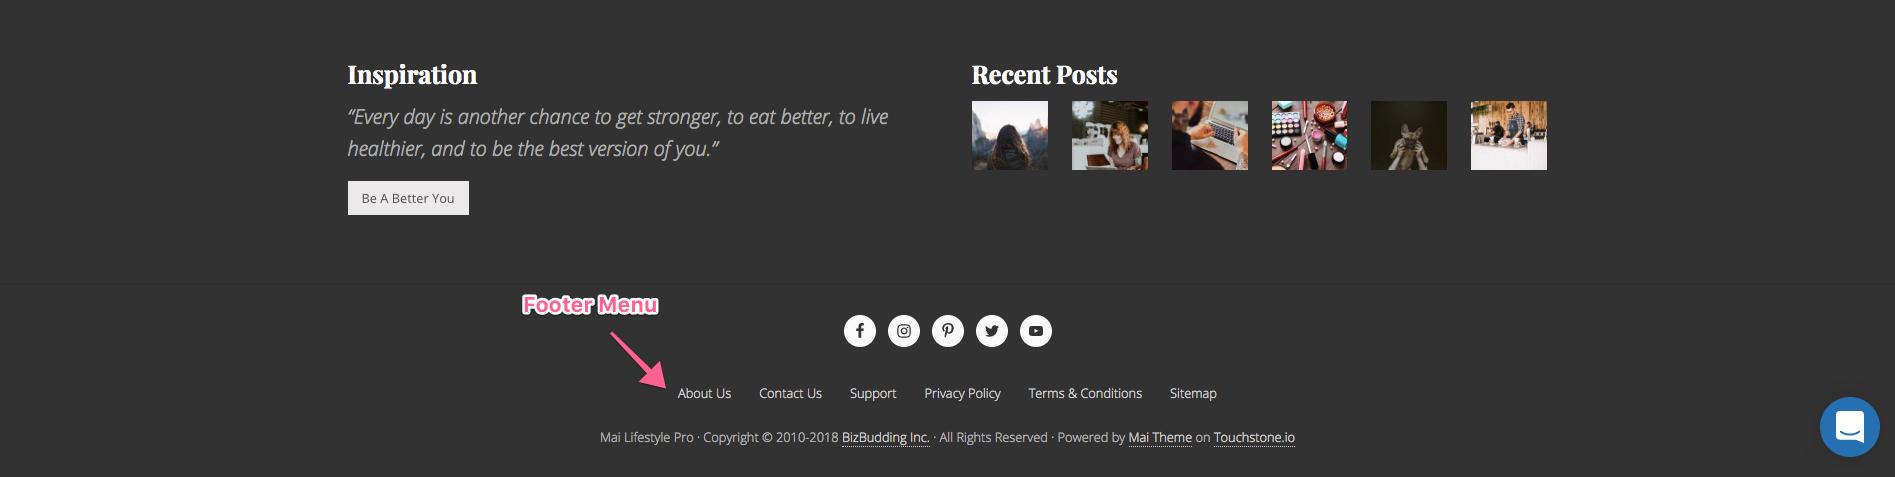 footer-menu screen image